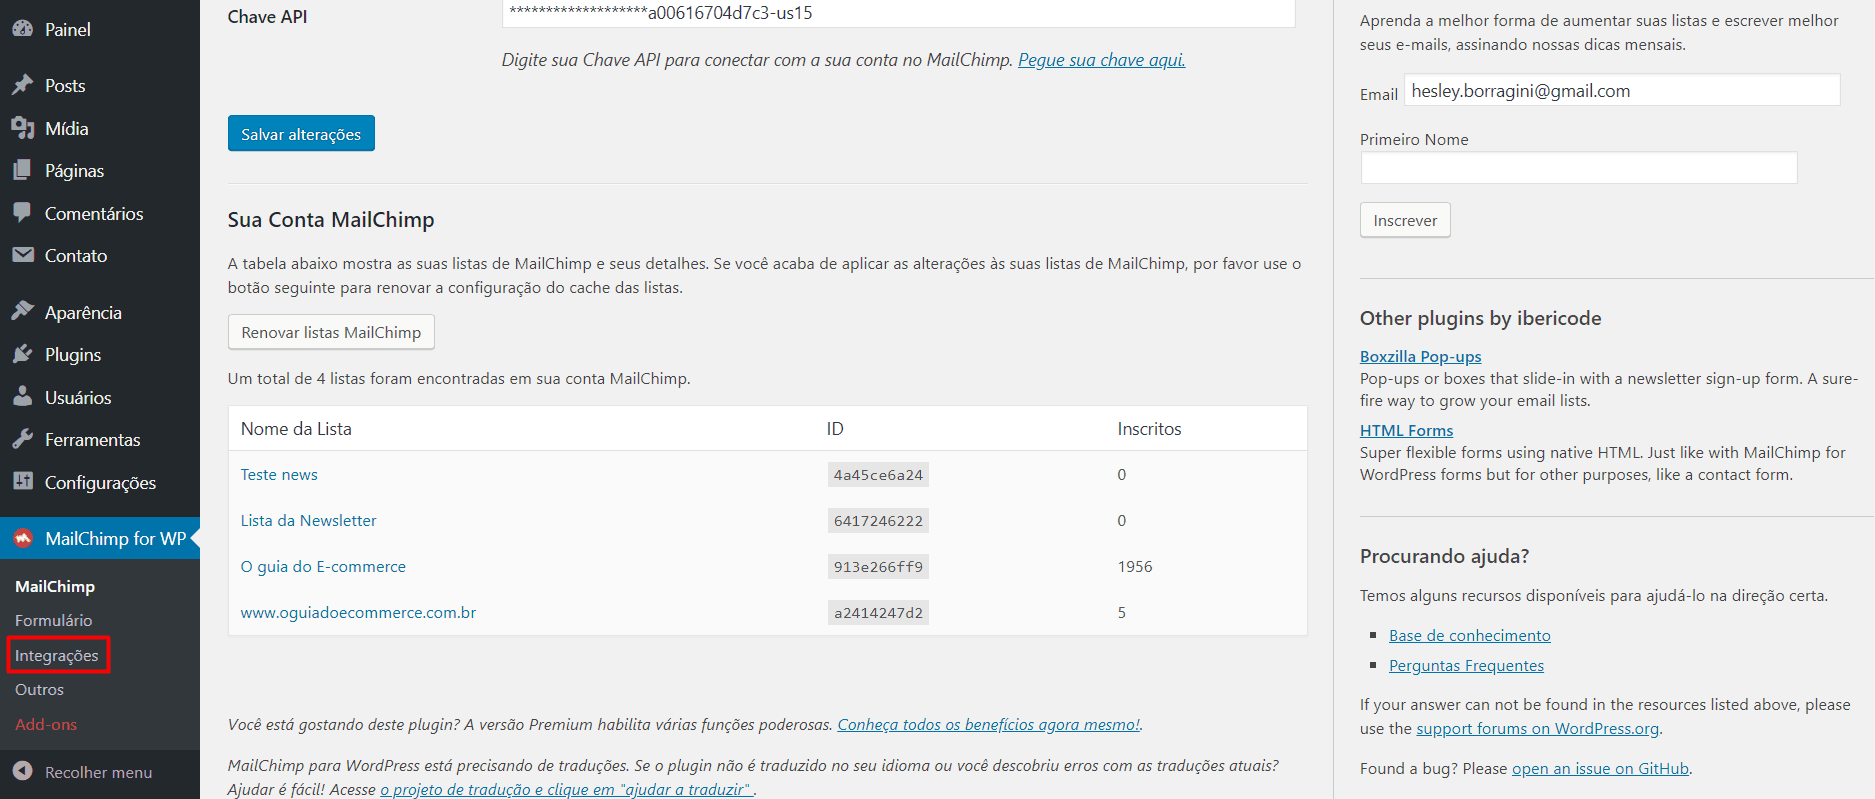 MailChimp WordPress Integrações